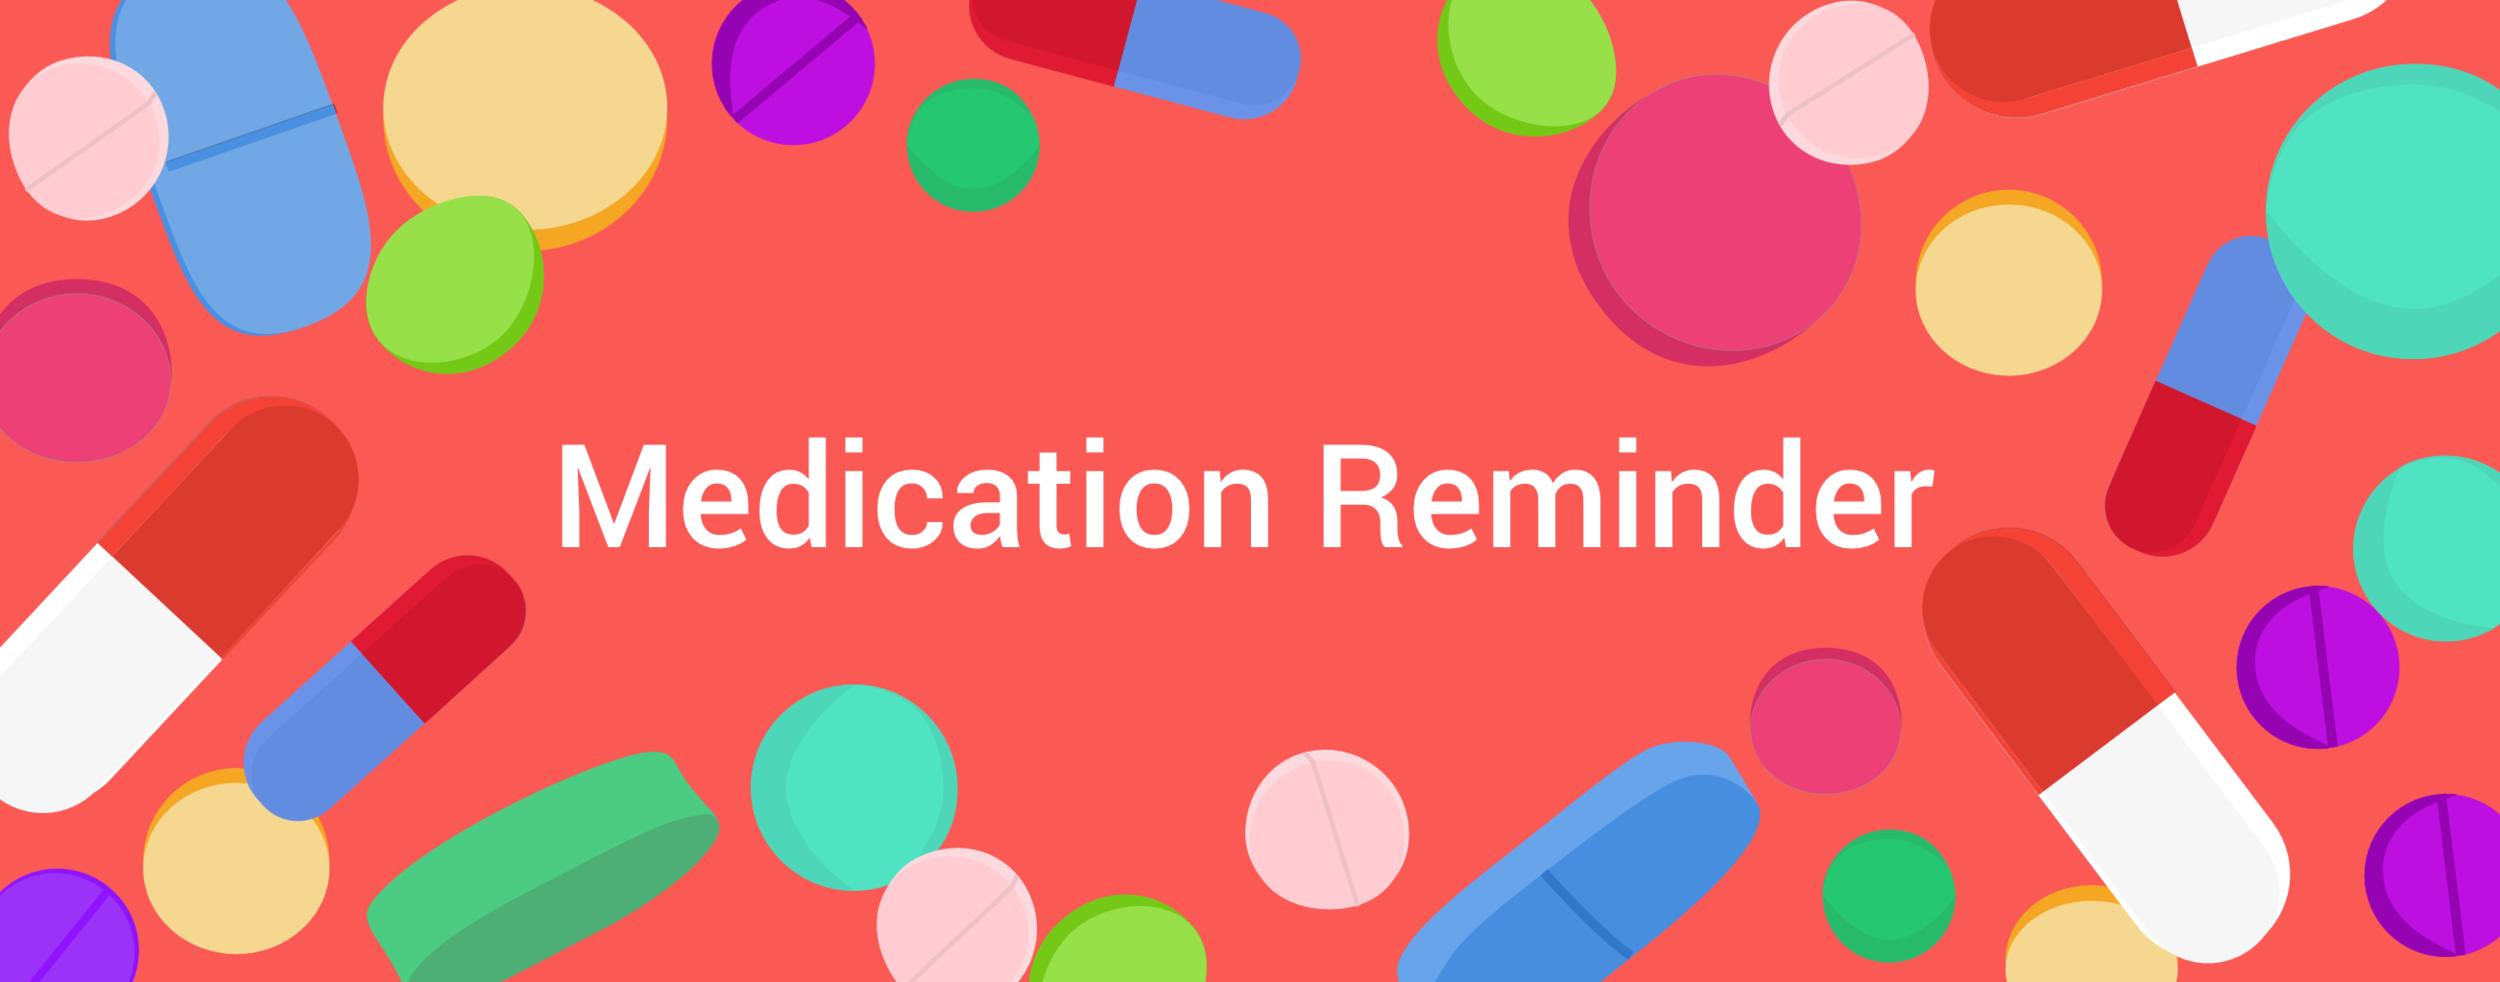 medication reminder case study image.png